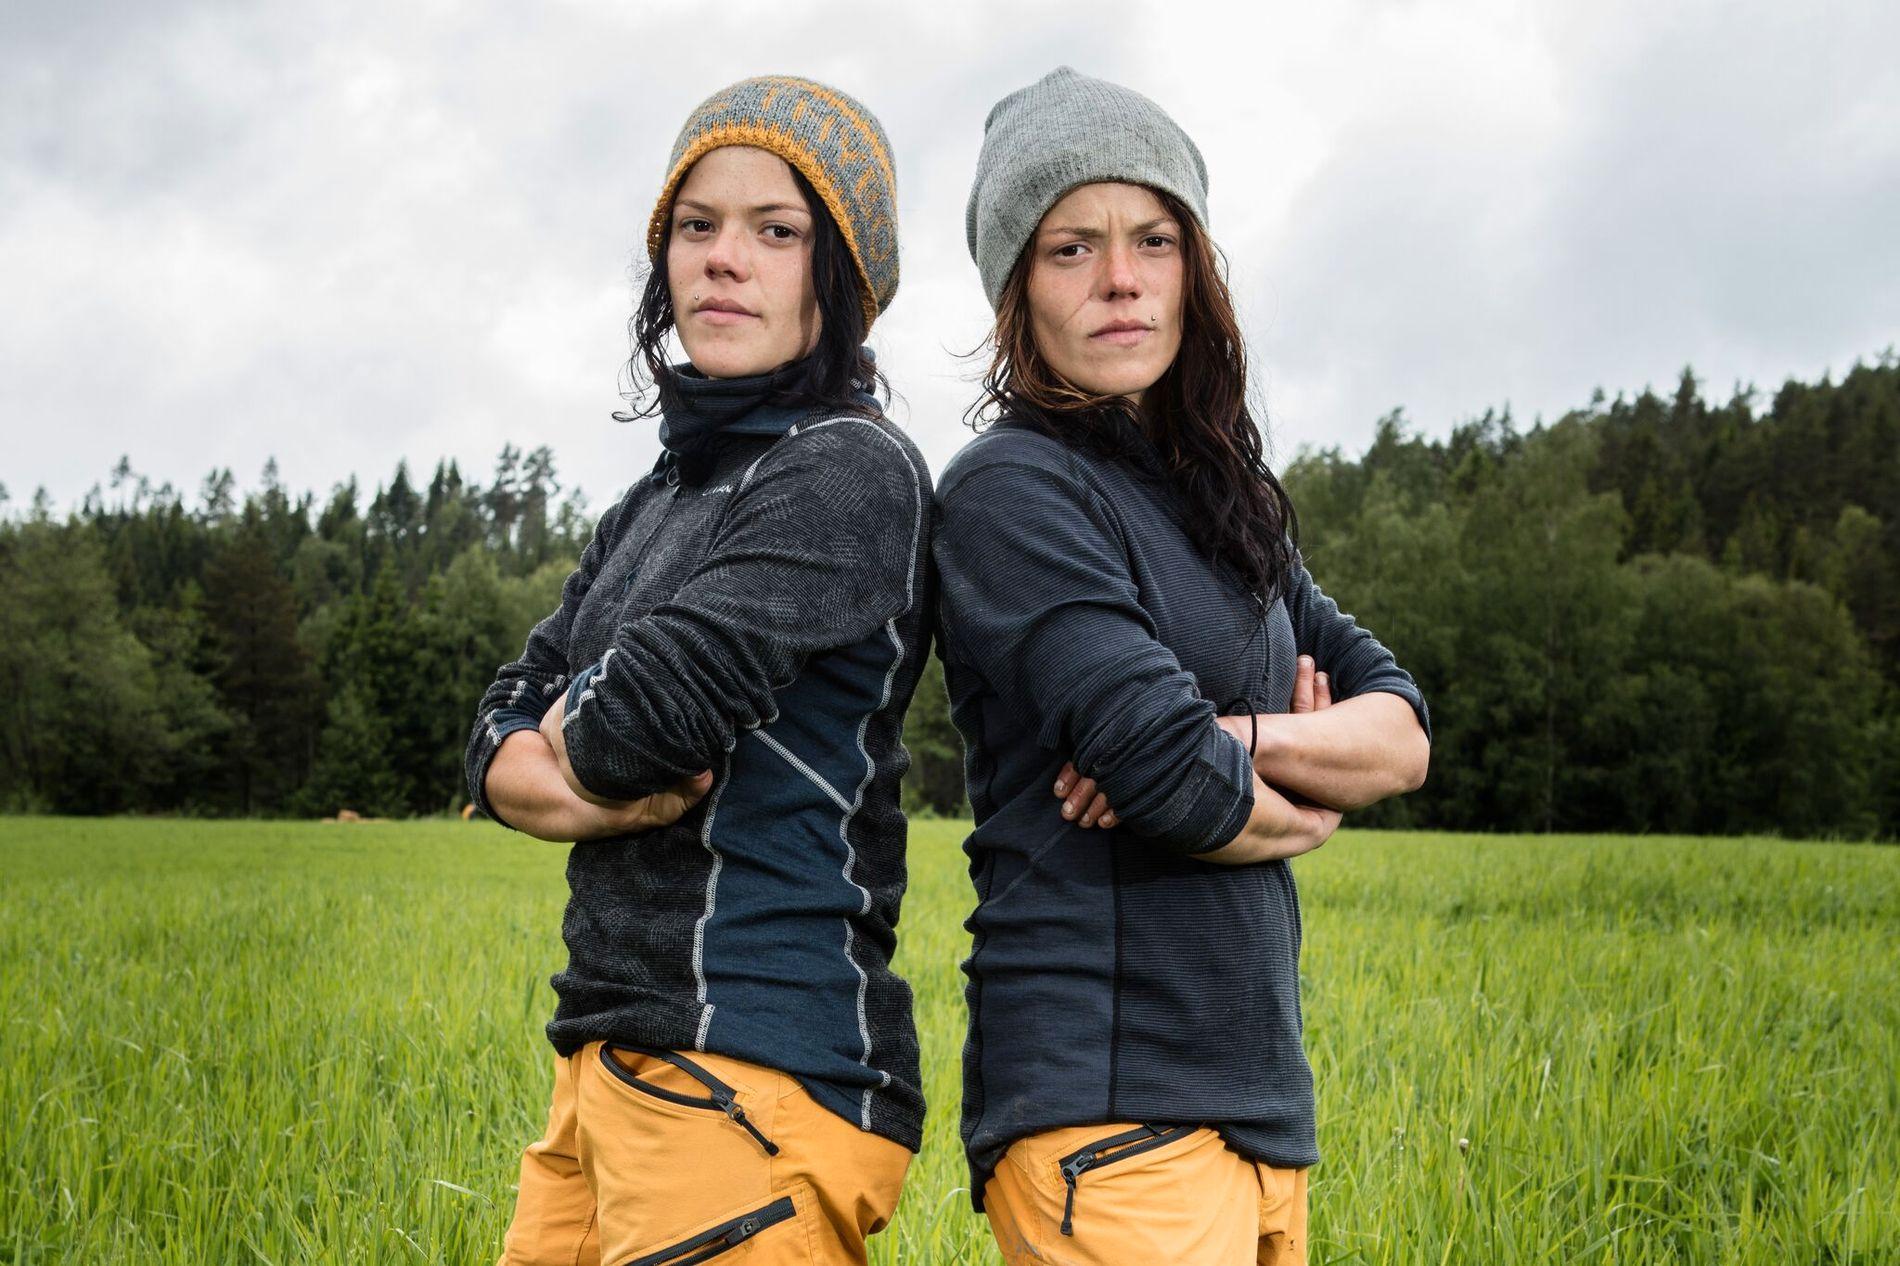 NÆRT FORHOLD: - Jeg har aldri klemt Johanne så mye som jeg gjorde den dagen, forteller Kristine Thybo Hansen (til høyre), som har et svært nært forhold til søsteren Johanne.